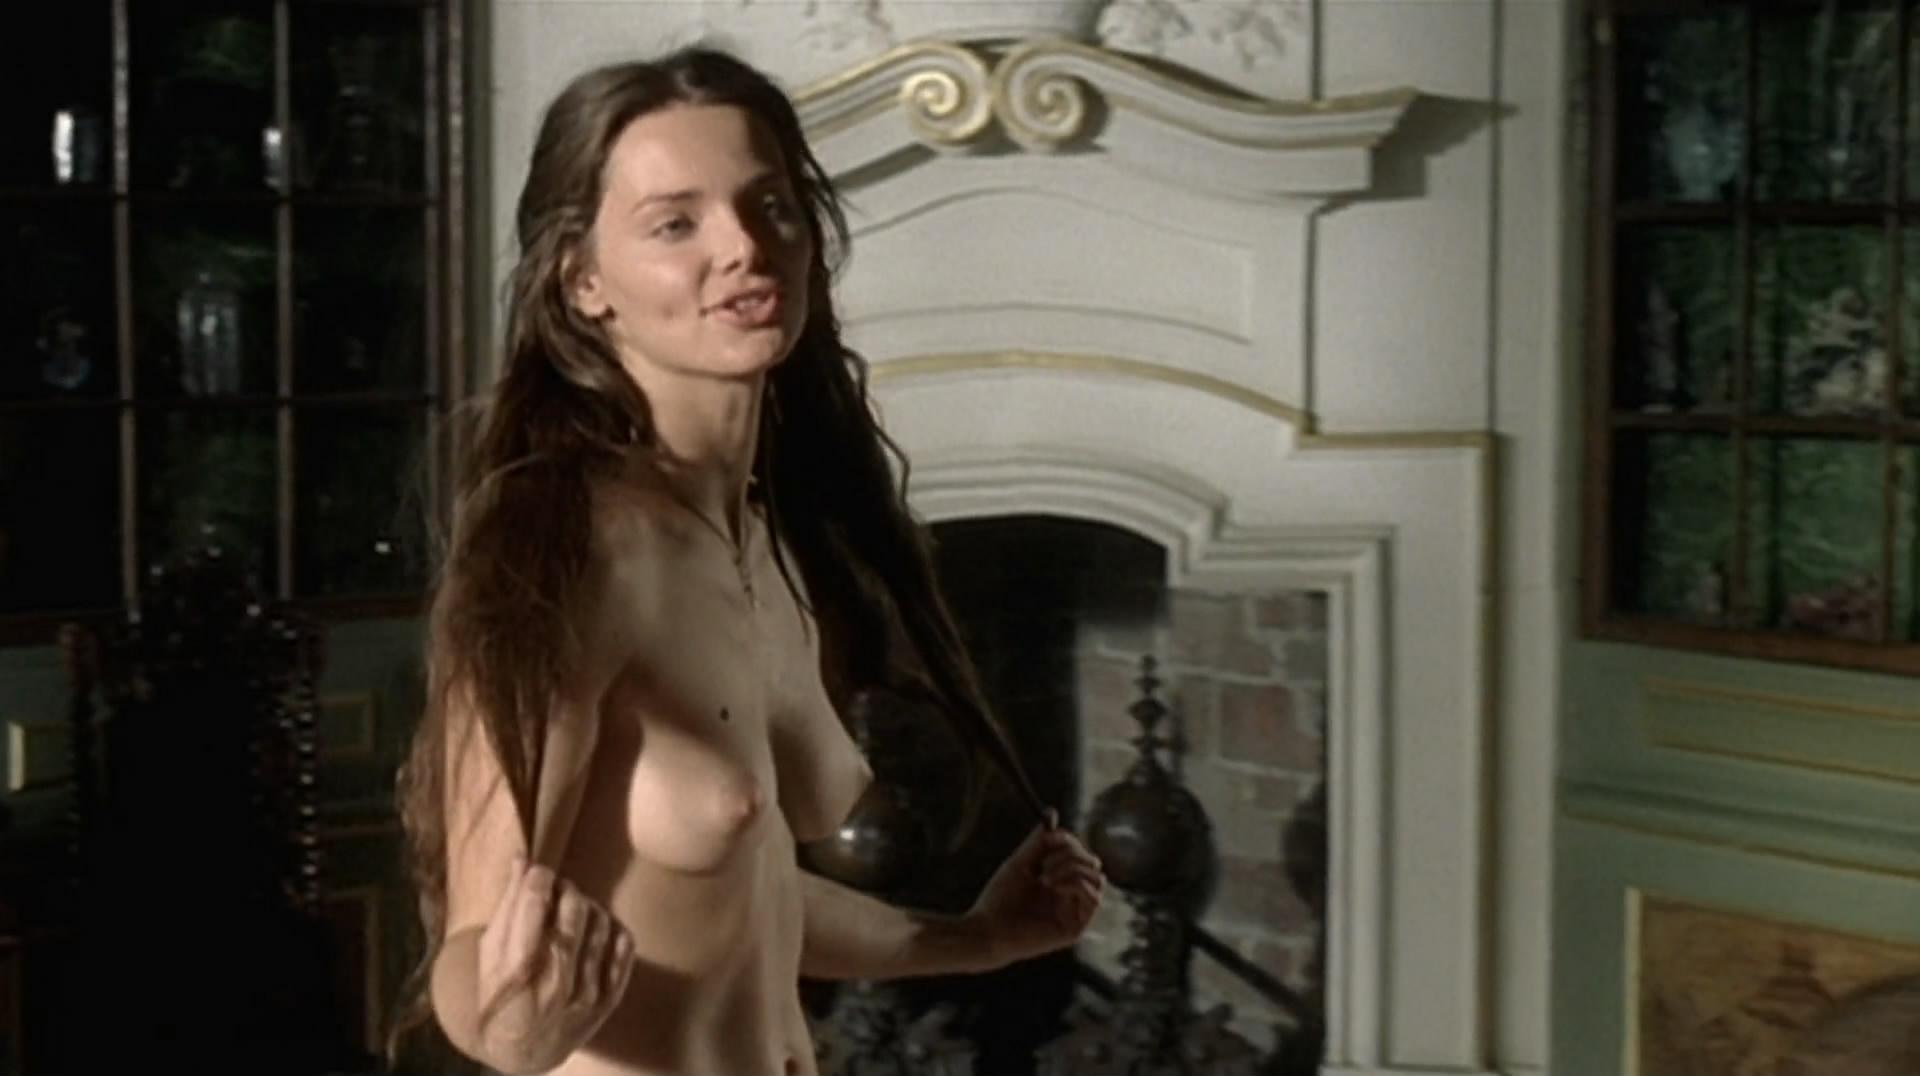 eroticheskiy-film-elizaveta